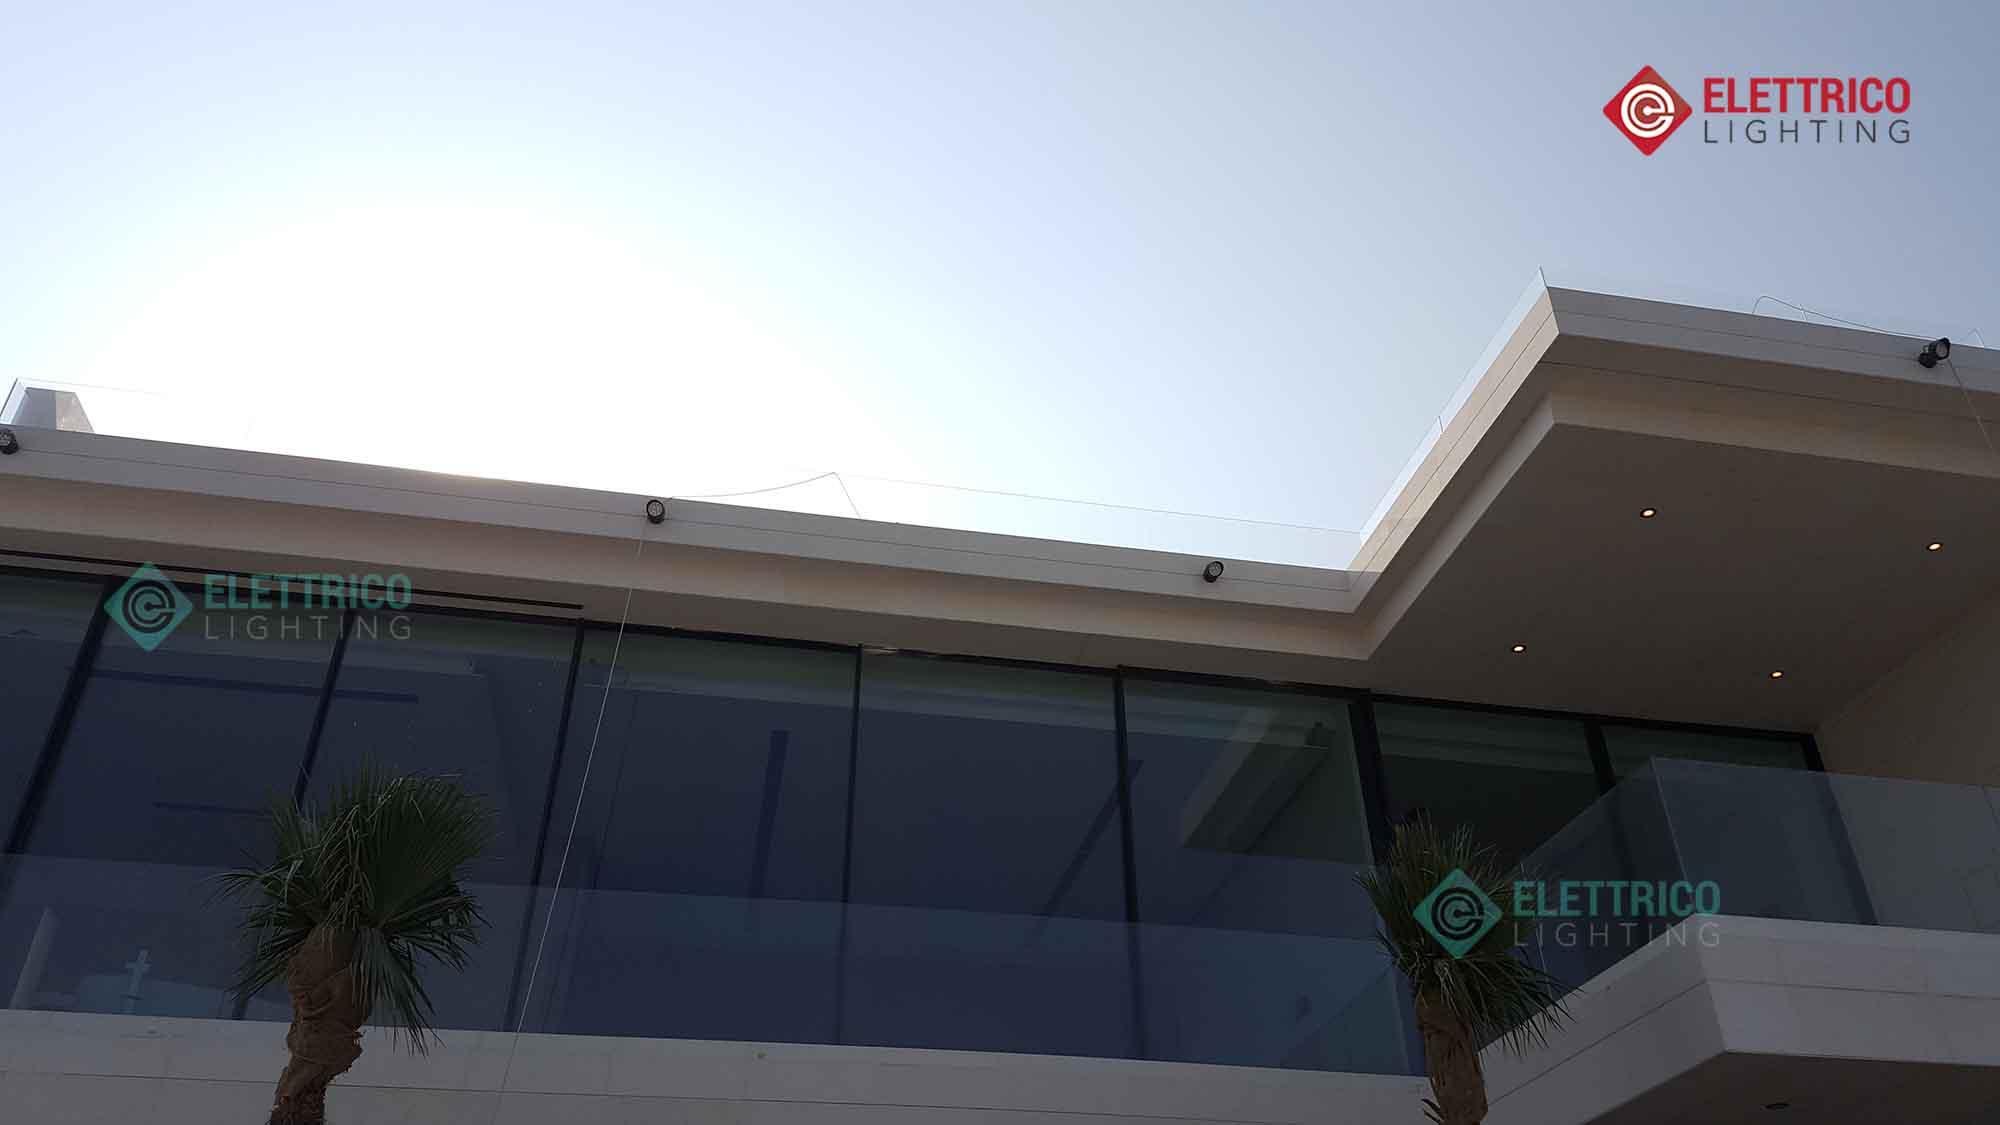 exterior facade lights on a villa in Dubai